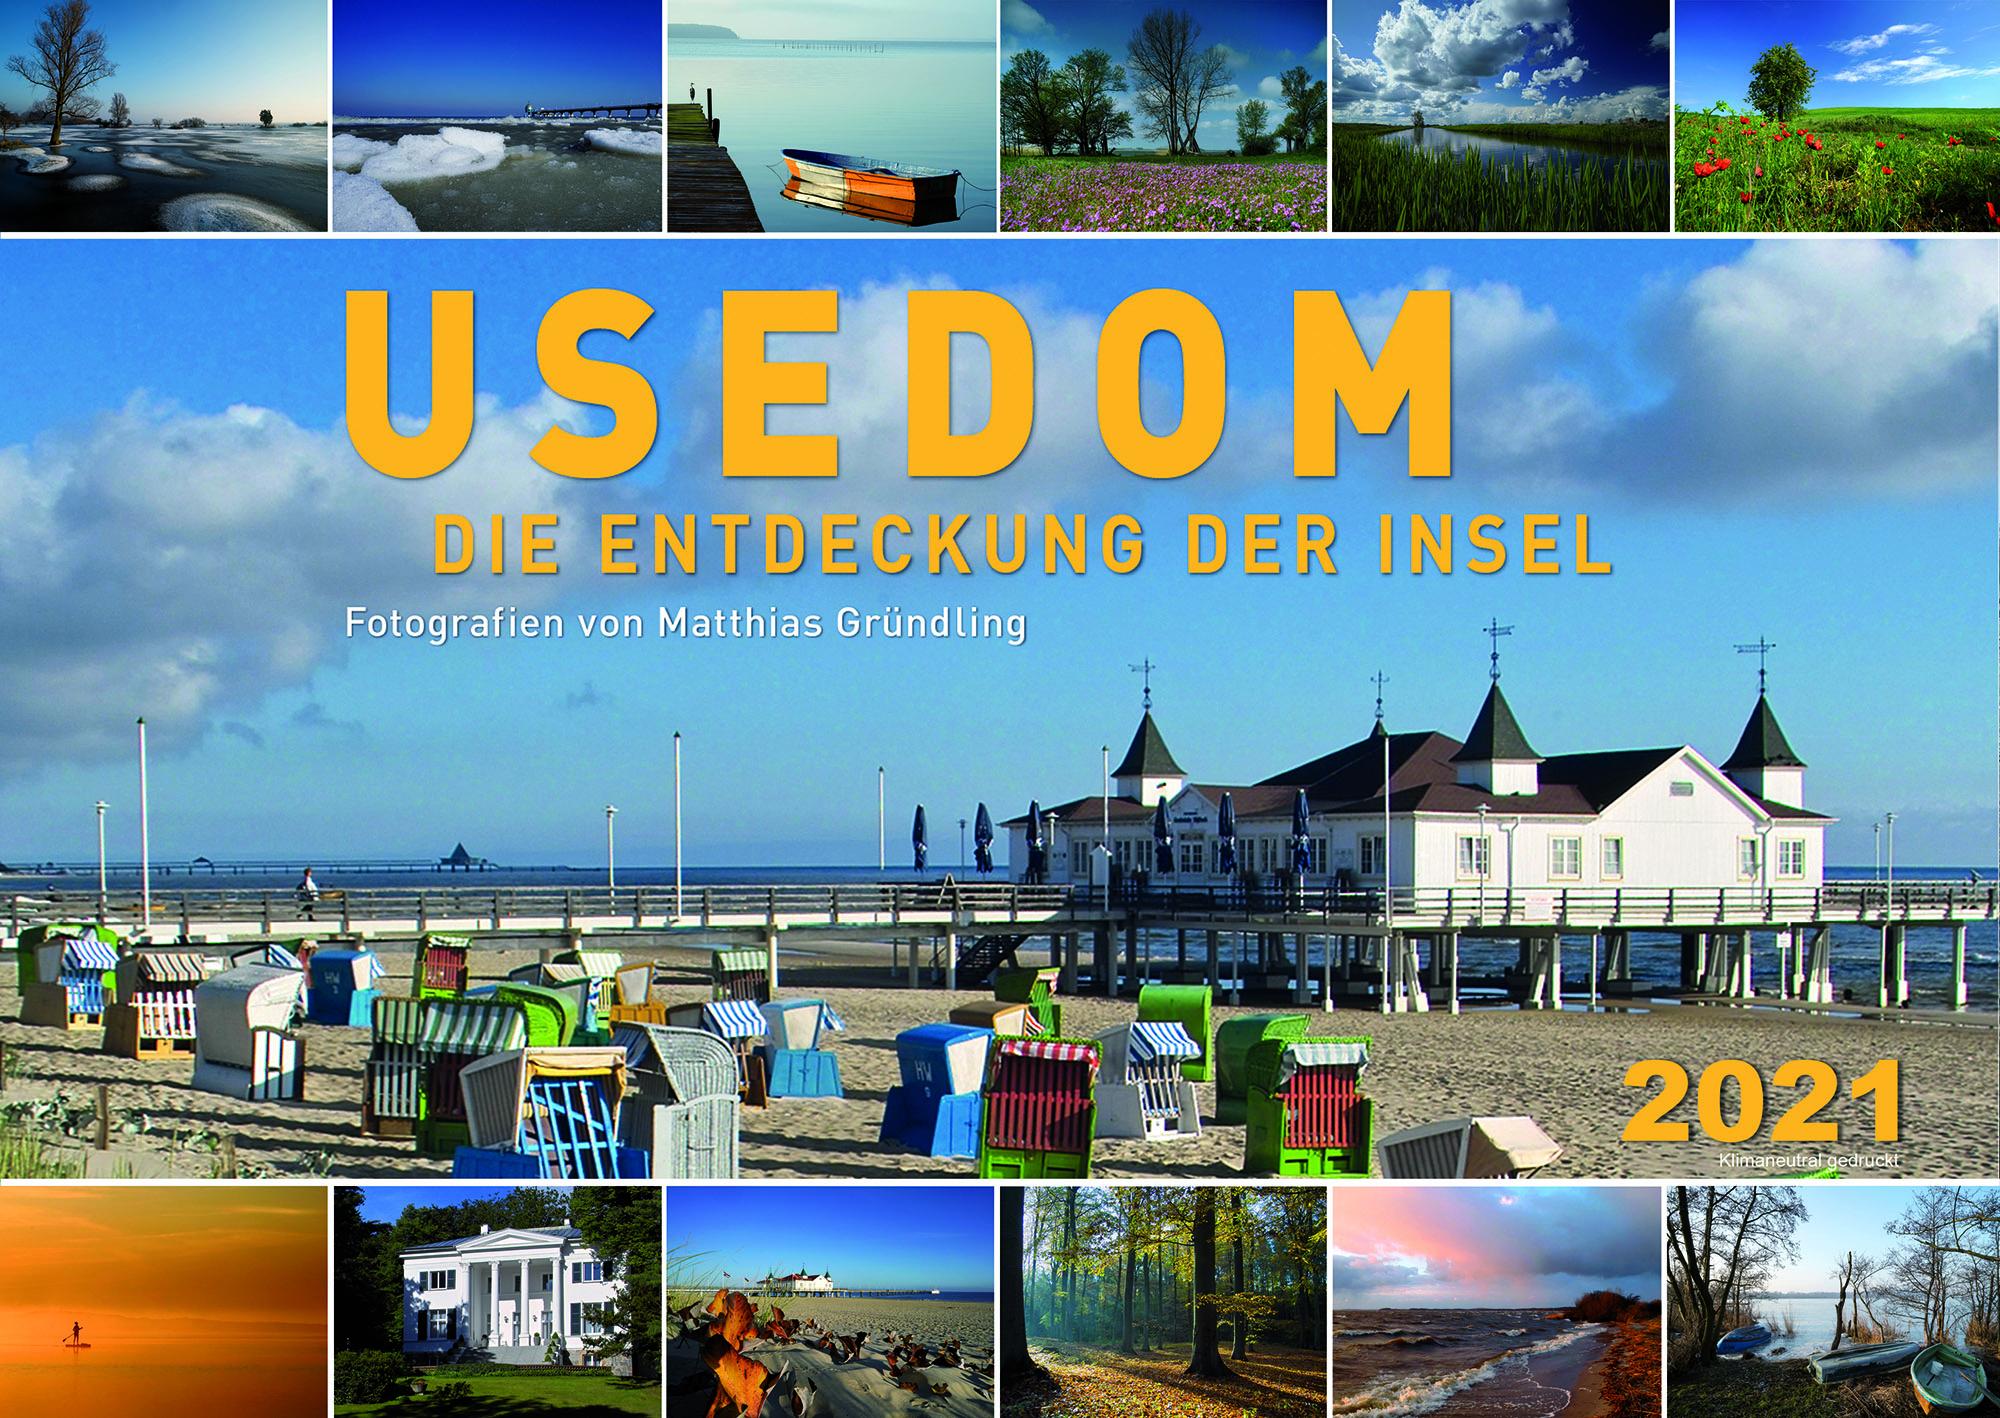 Kalender 2021 Vorteilspreis NUR zusammen mit Buch Usedom die Entdeckung der Insel.